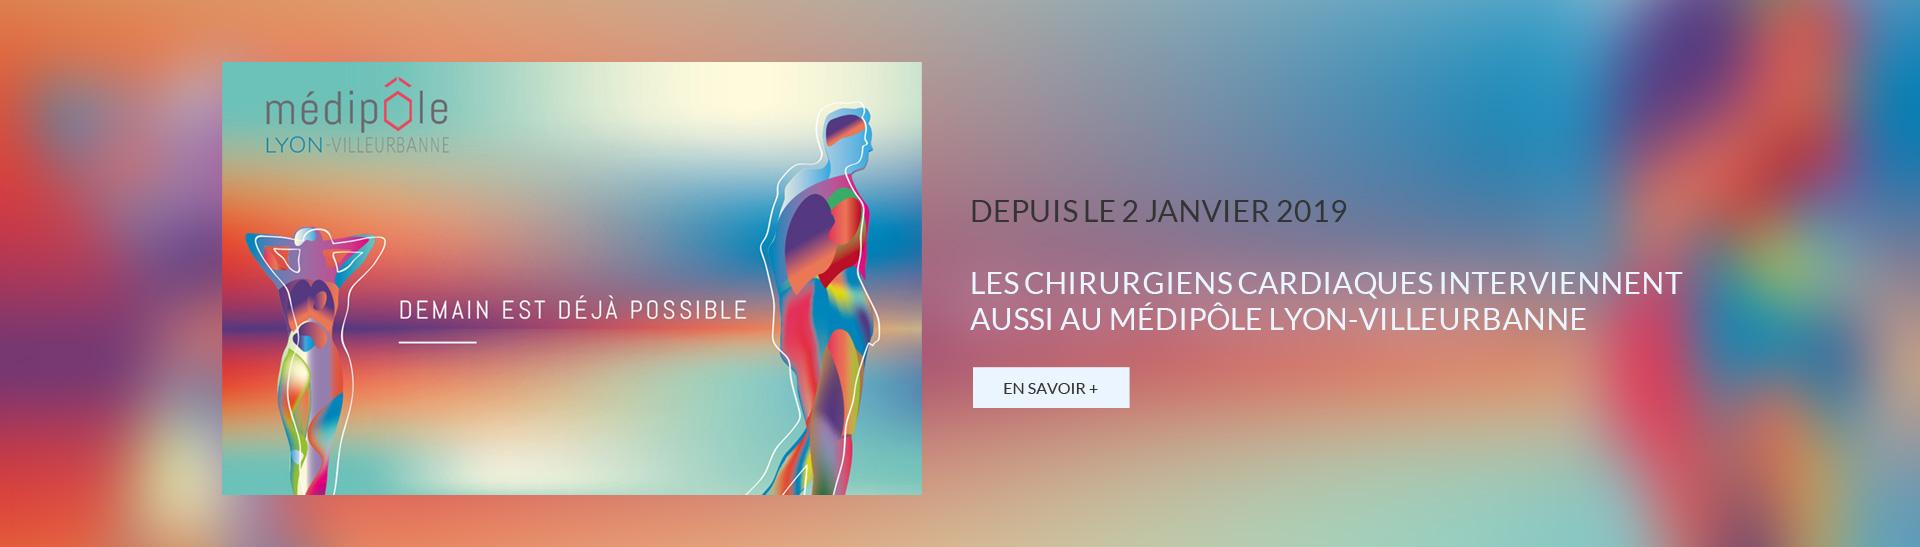 slide-medipole-3